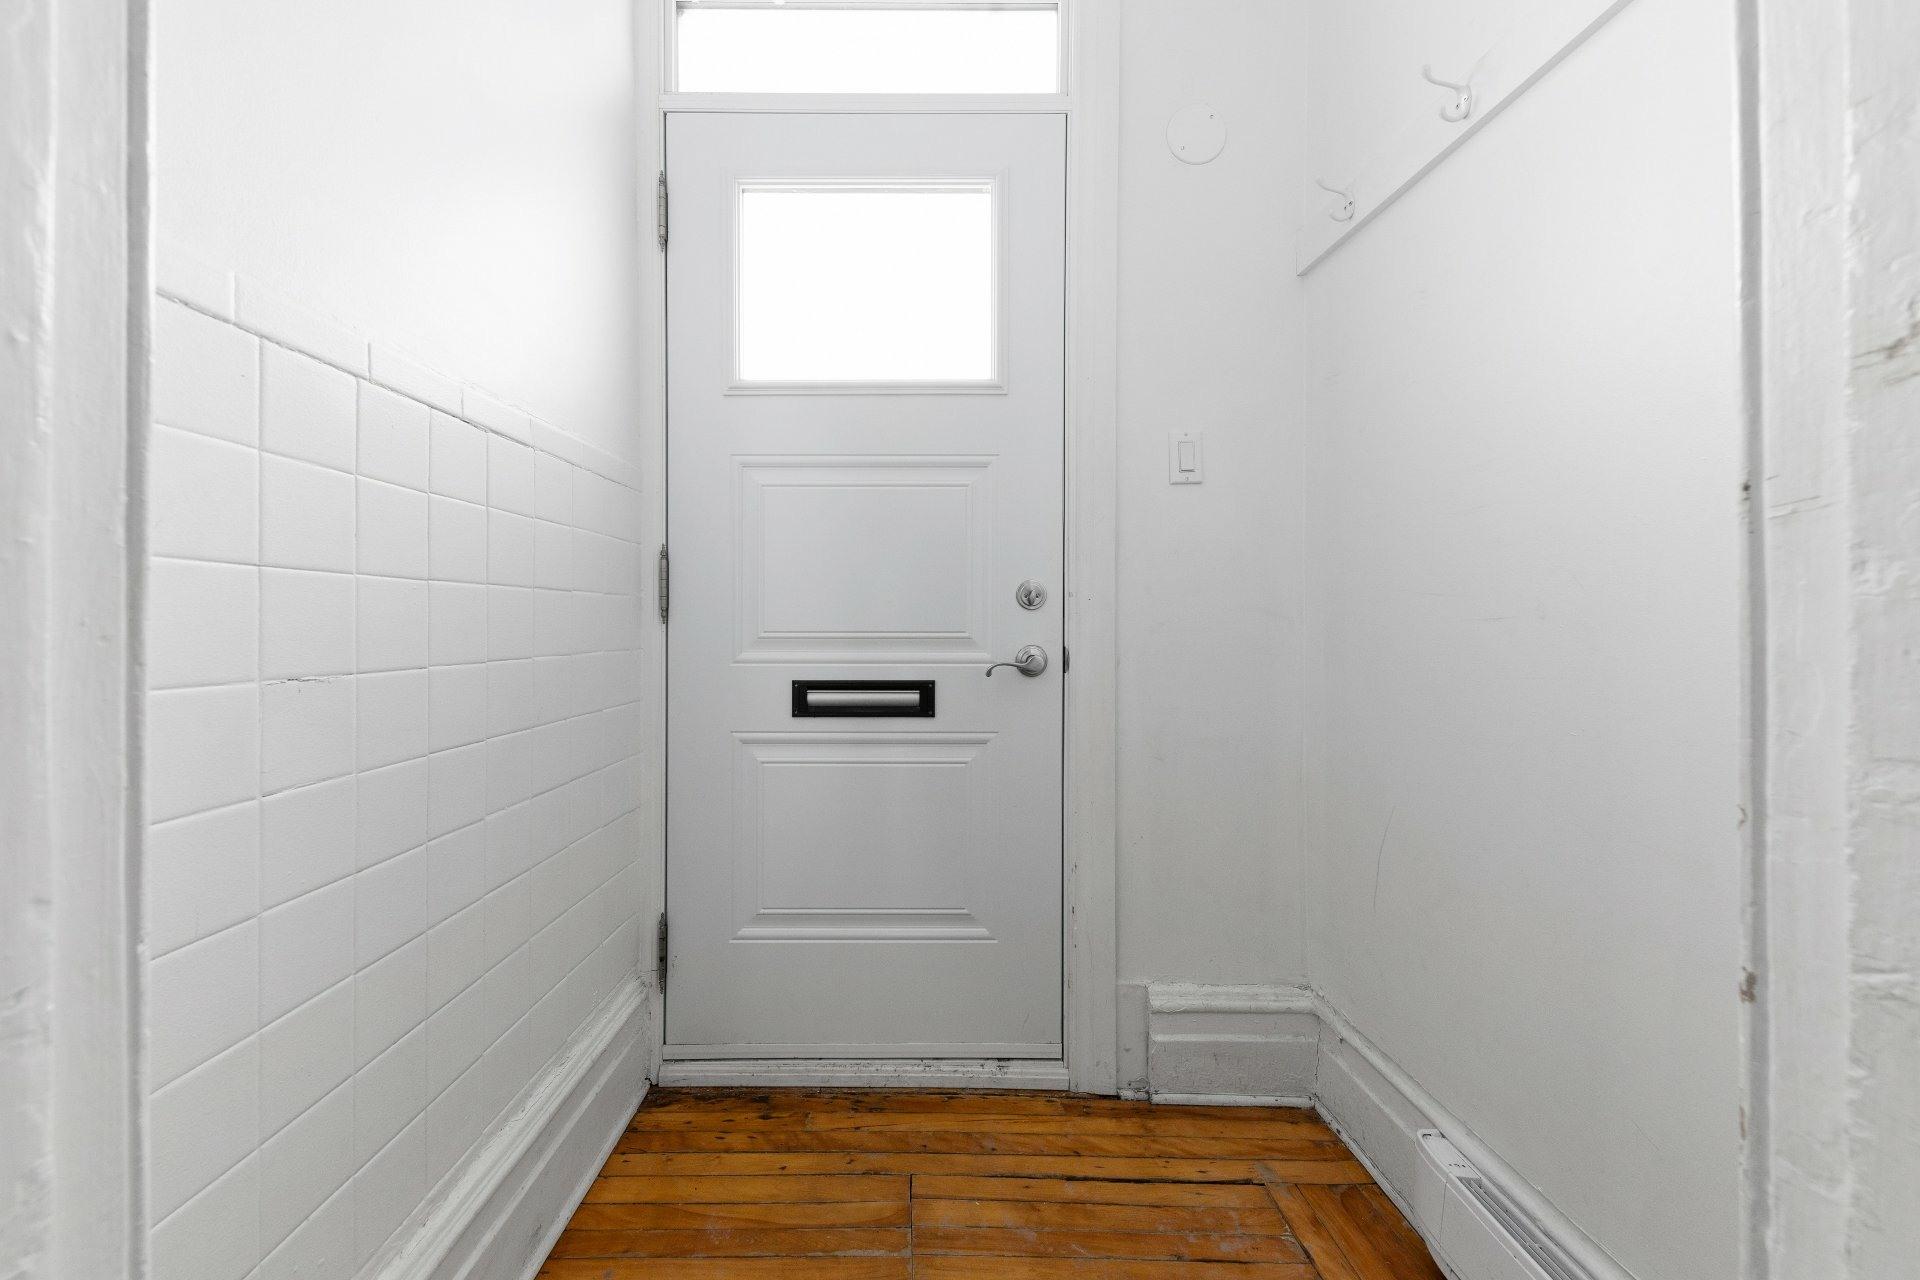 image 10 - Duplex For sale Le Plateau-Mont-Royal Montréal  - 5 rooms